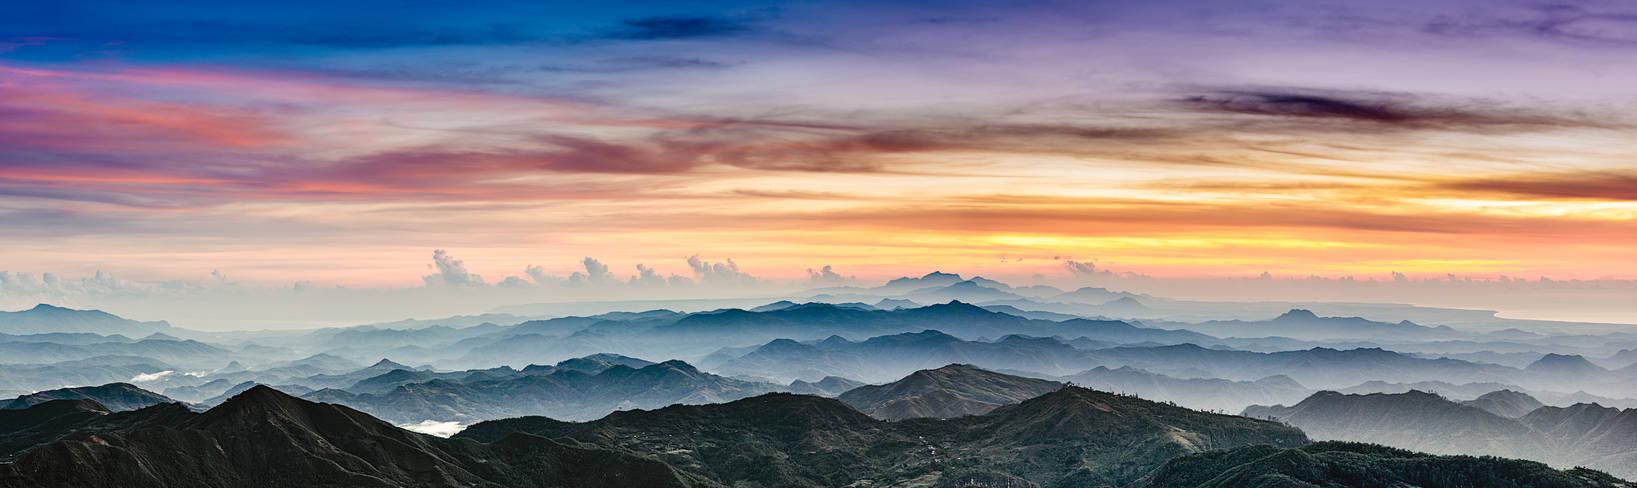 Sunrise @ Ramelau Mountain